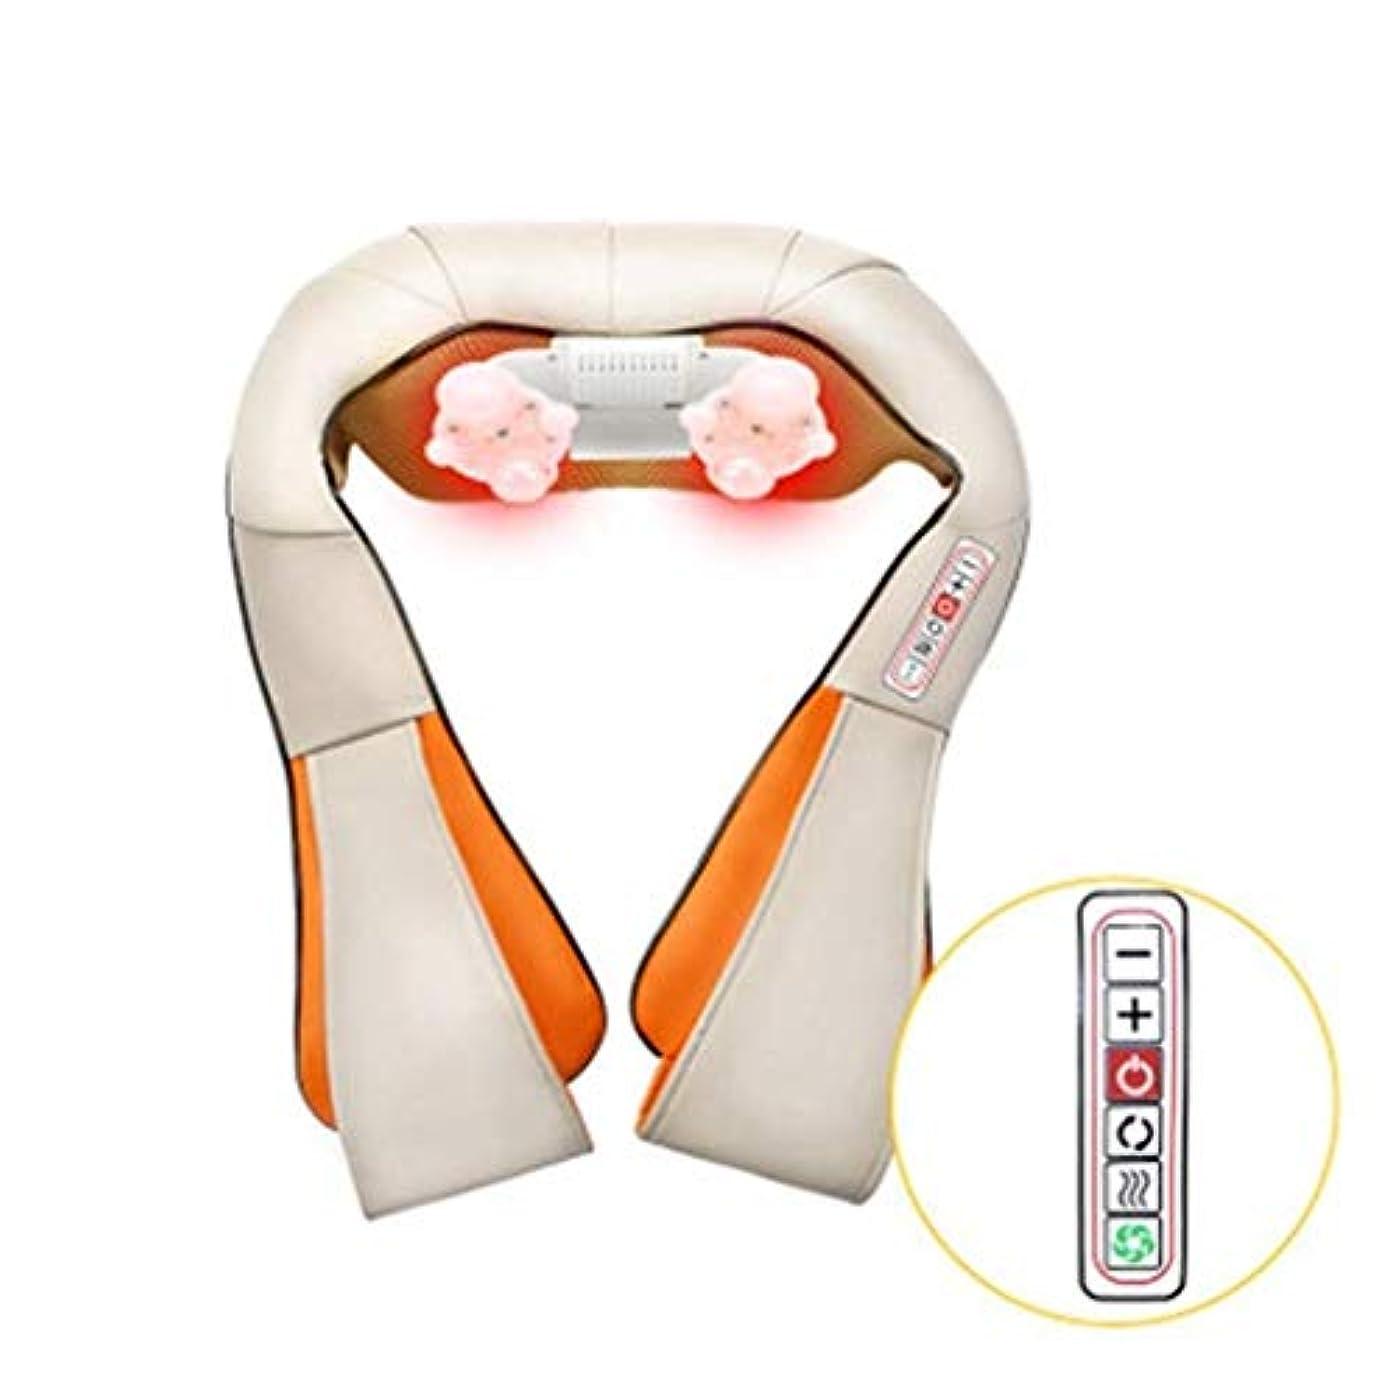 克服する合法提出する首のマッサージャー、首と背中の肩のマッサージャー、揉みマッサージ枕、足のマッサージ - 緊張の筋肉を和らげる、血液循環、睡眠を改善する (Color : White)